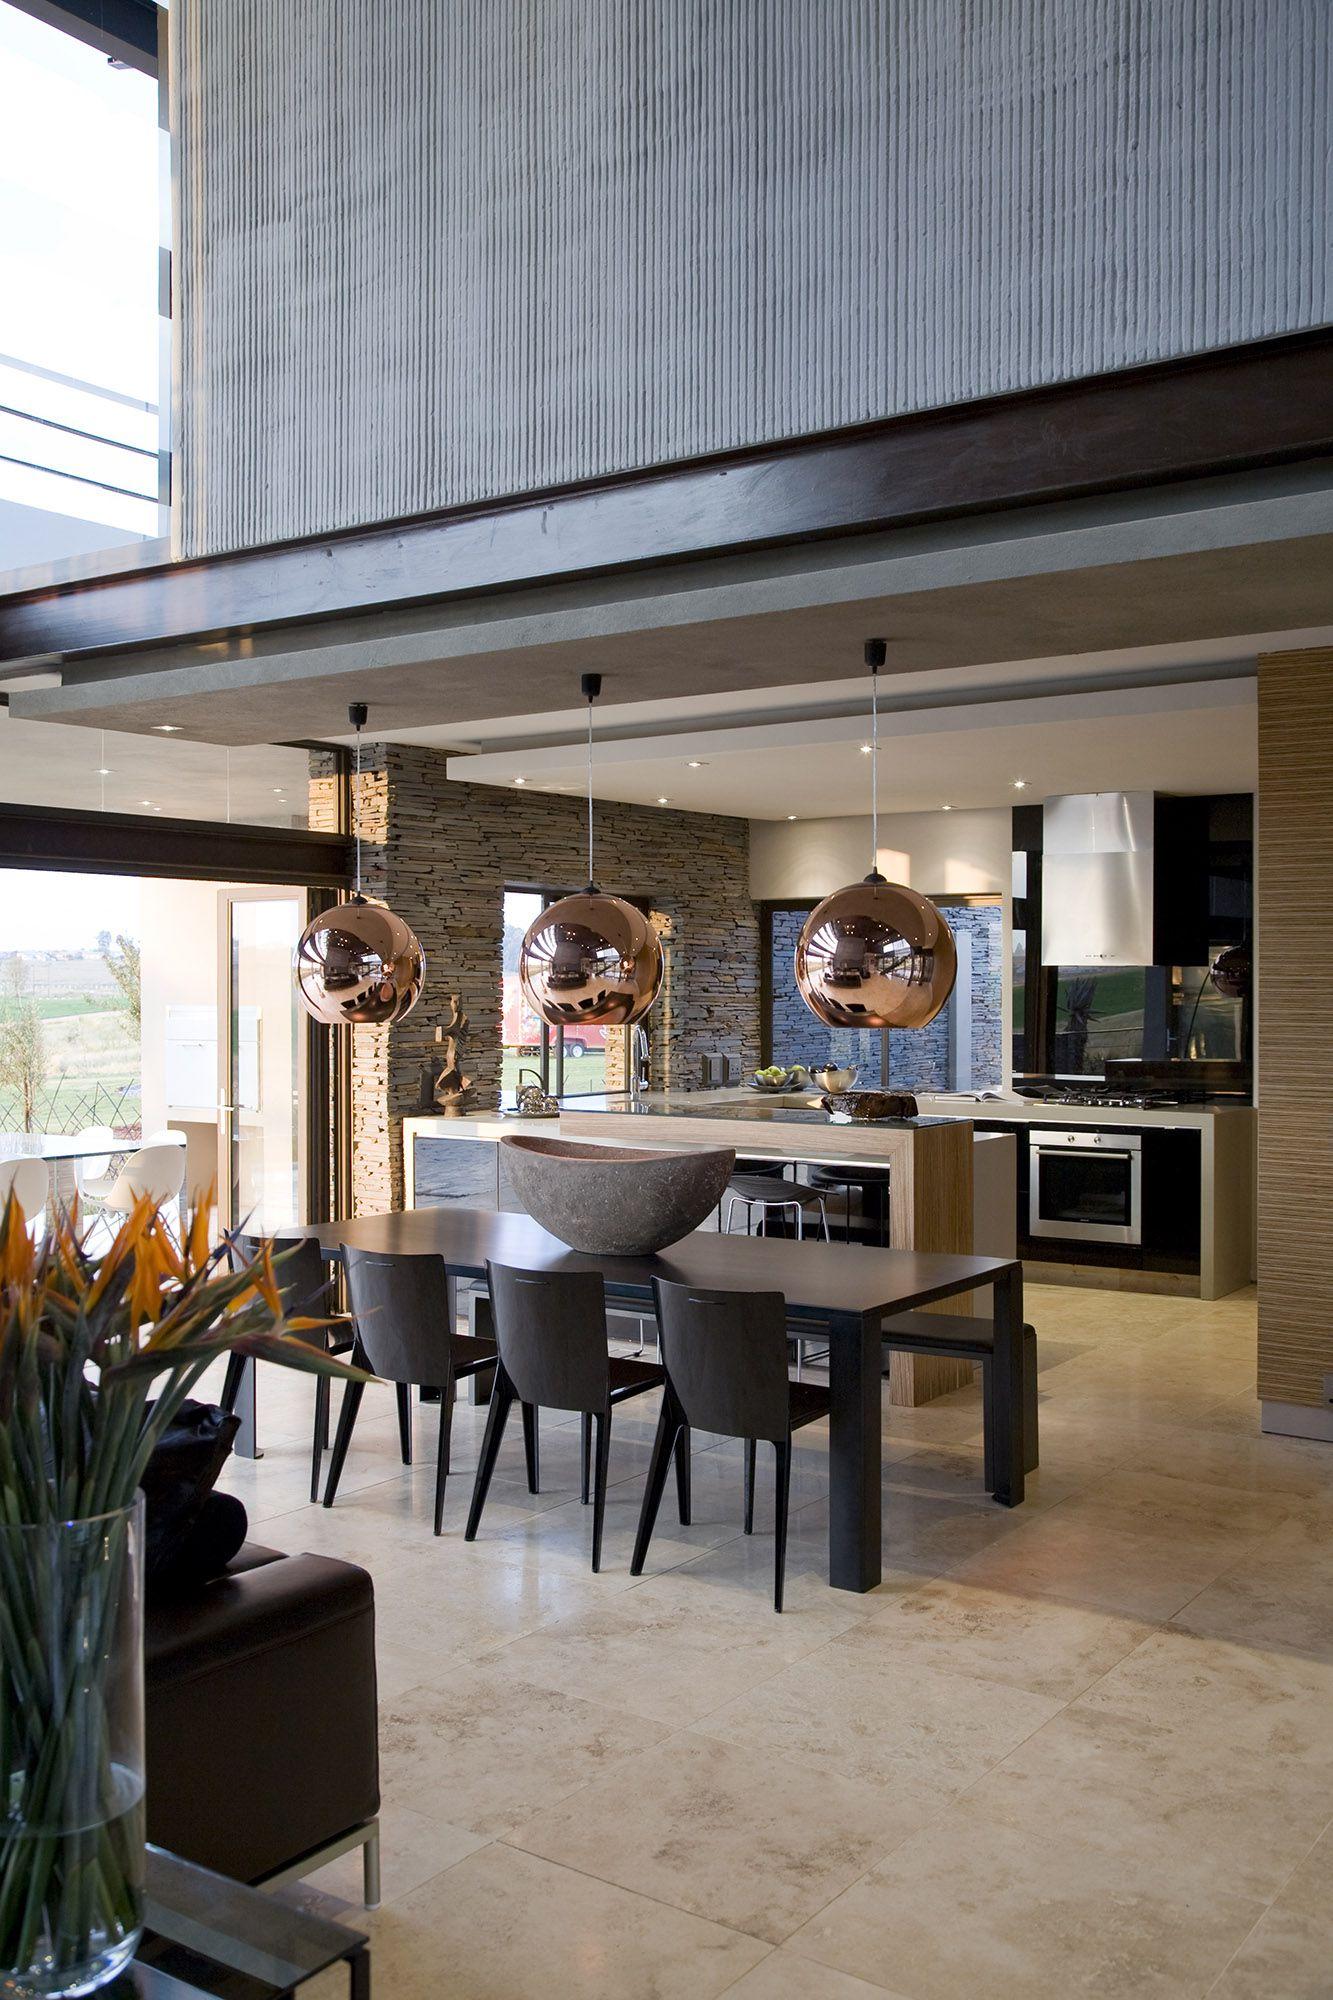 Serengeti Designed by Rudolph van der Meulen 152